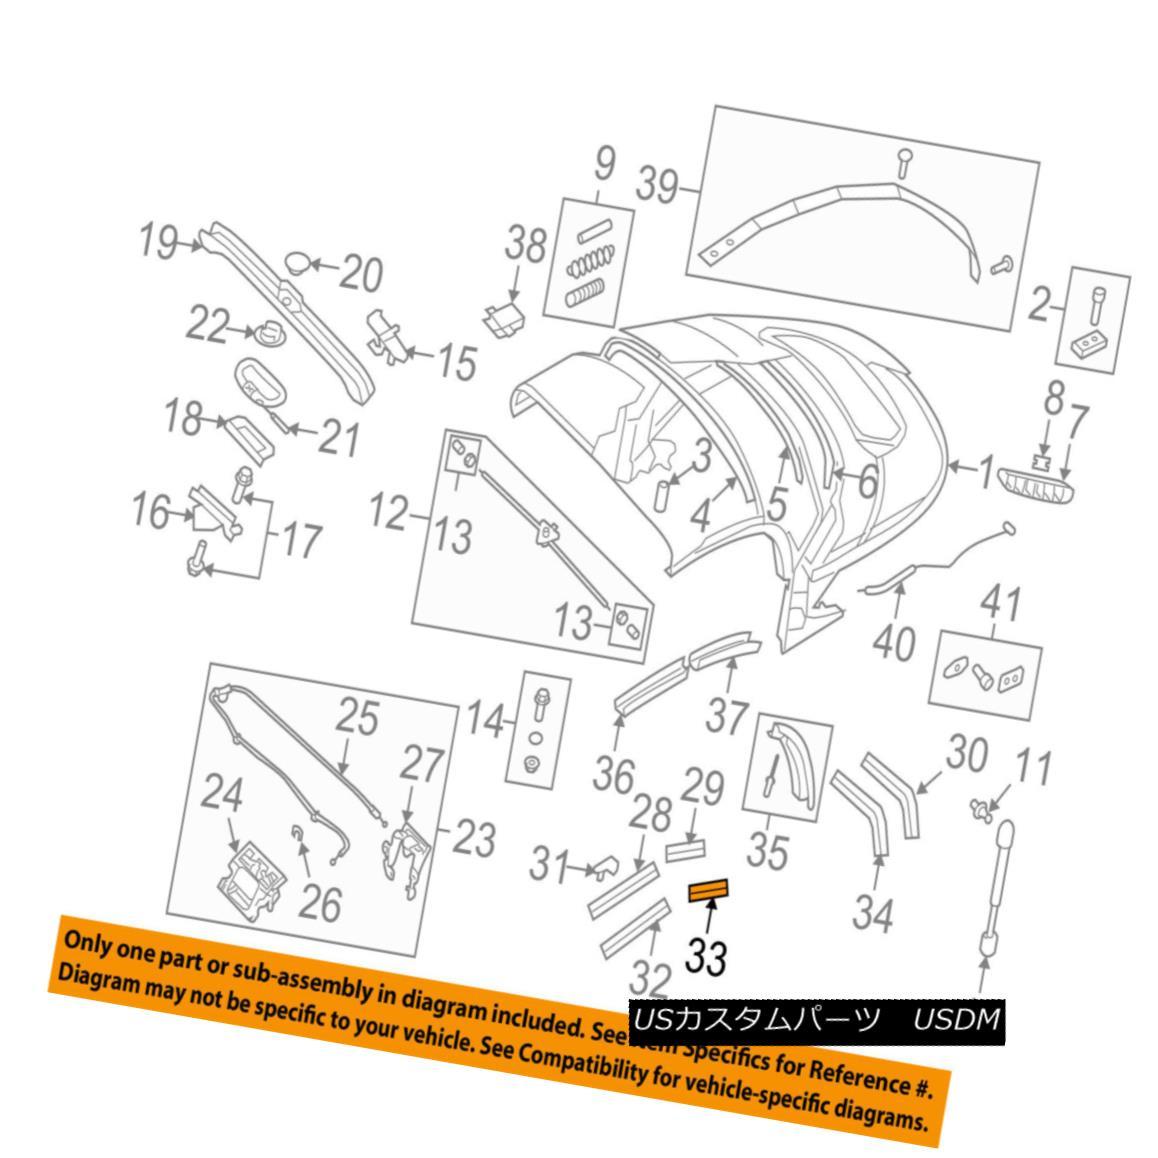 幌・ソフトトップ AUDI OEM 08-15 TT Quattro Convertible/soft Top-Channel Gasket Left 8J7871415 AUDI OEM 08-15 TT Quattro Convertible / so ftトップチャンネルガスケット左8J7871415